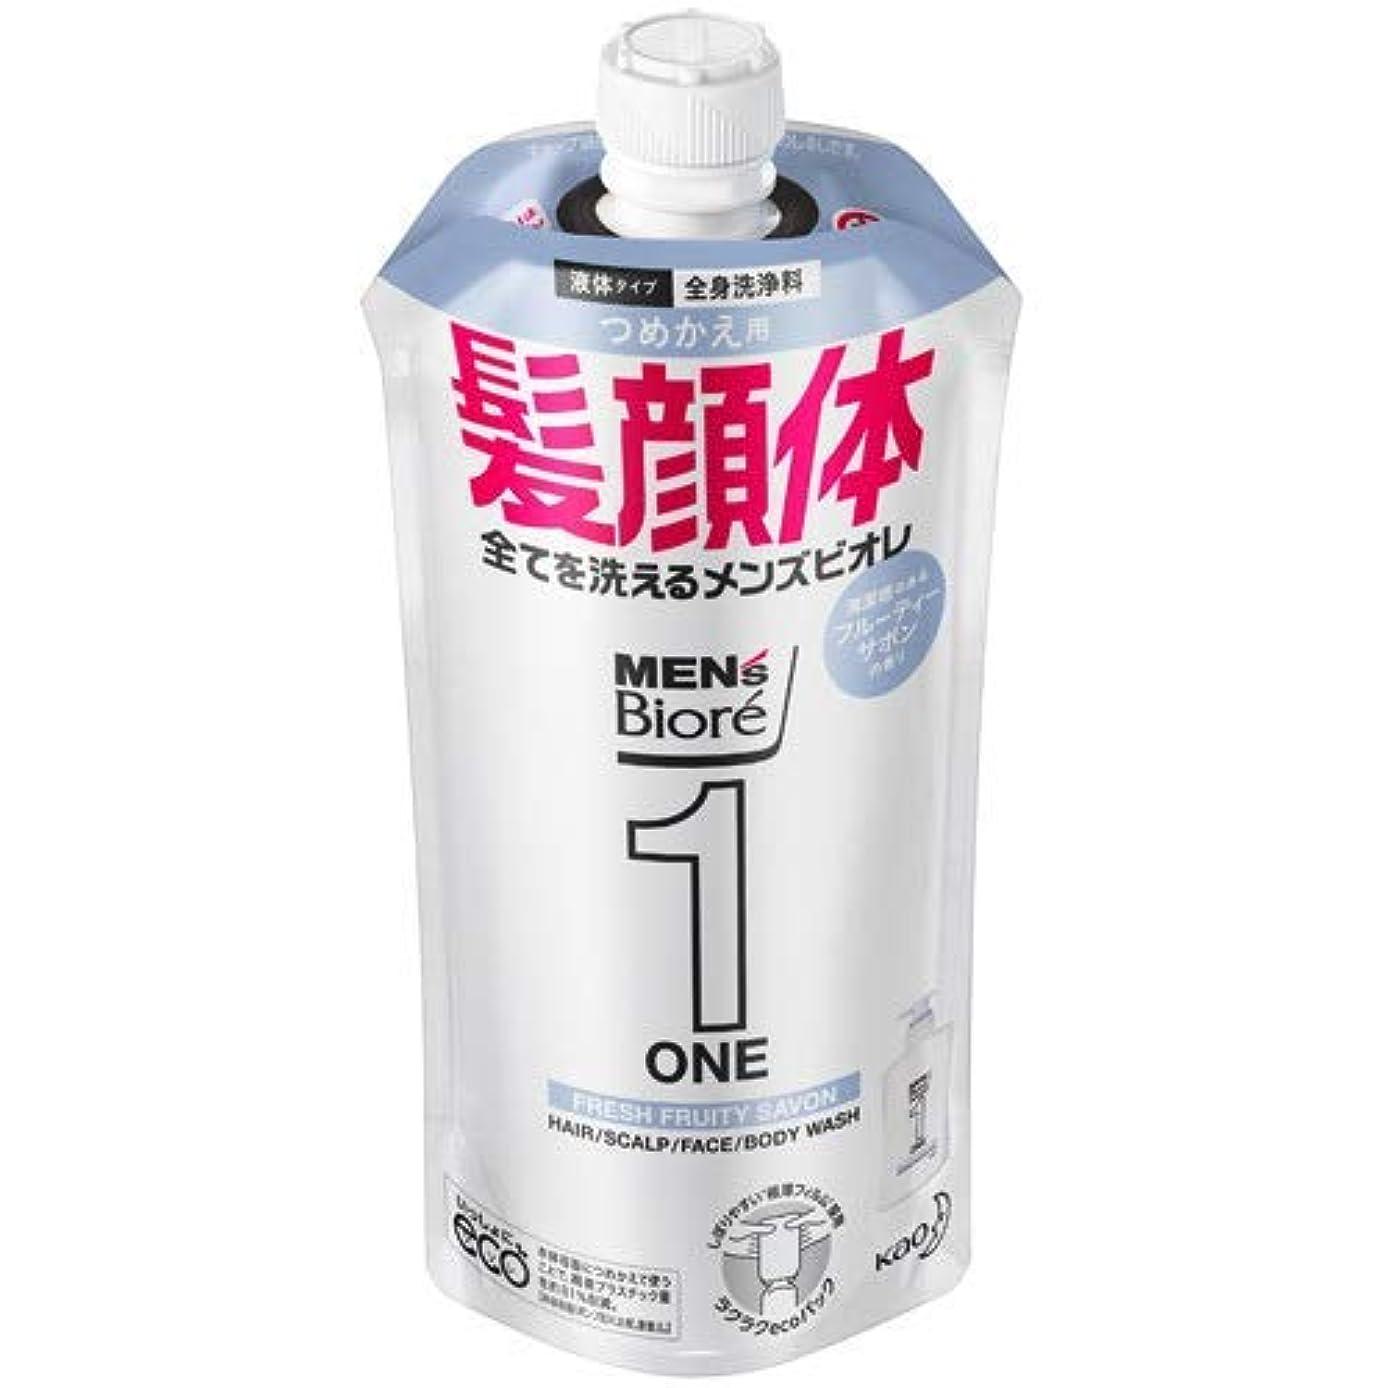 強化スラックアルプス【10個セット】メンズビオレONE オールインワン全身洗浄料 清潔感のあるフルーティーサボンの香り つめかえ用 340mL